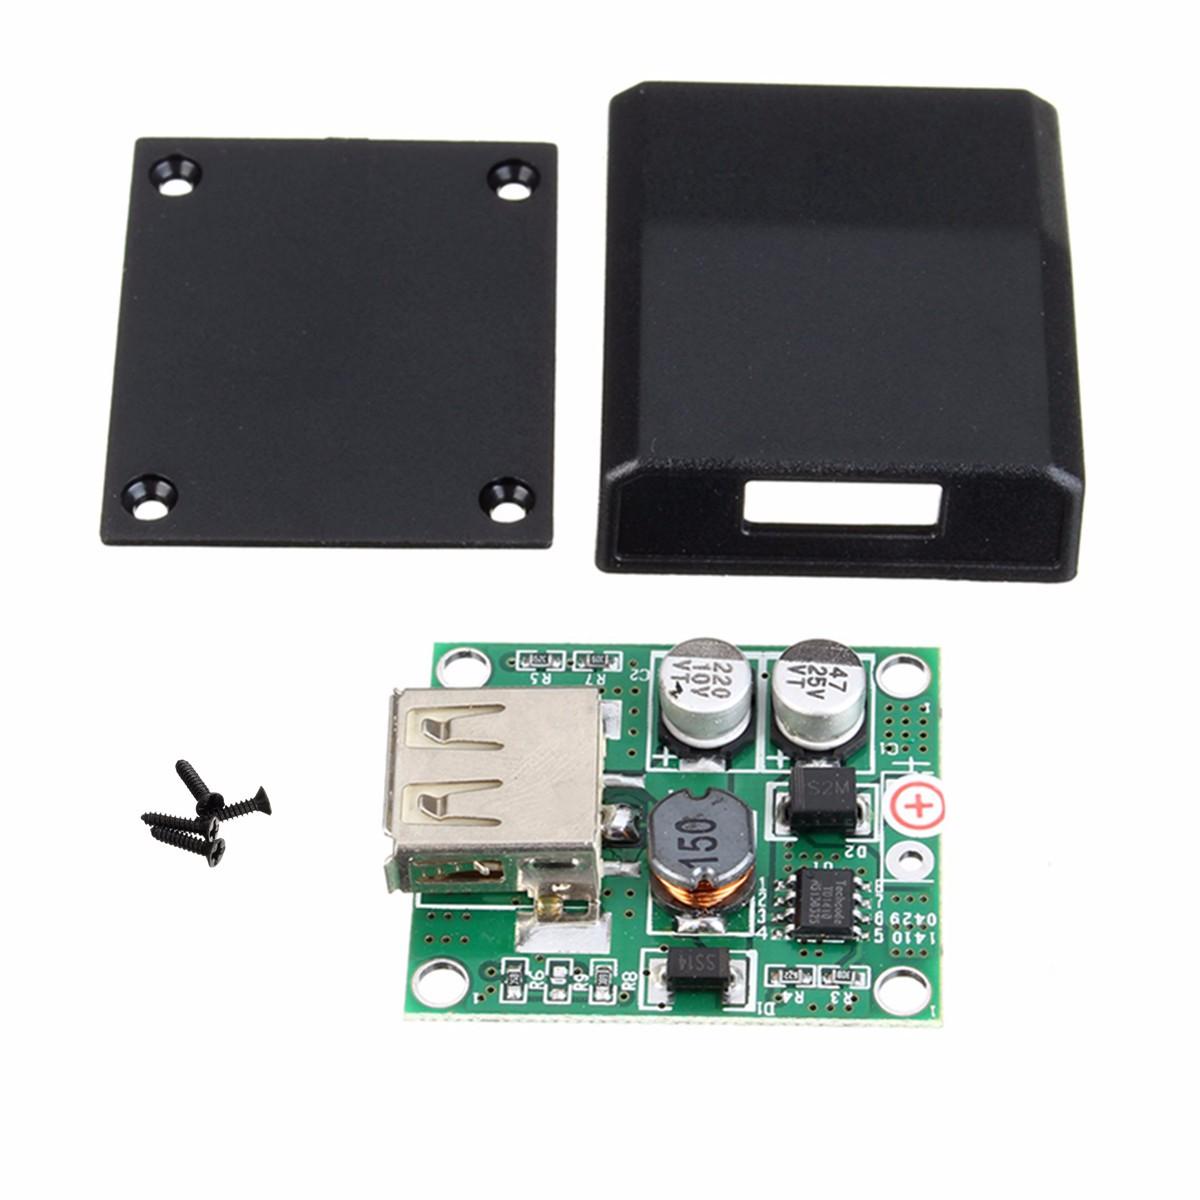 DIY 5V 2A Spannungsregler Anschlussdose Solar Panel Ladegerät Spezielle Satz Für Elektronische Produktion